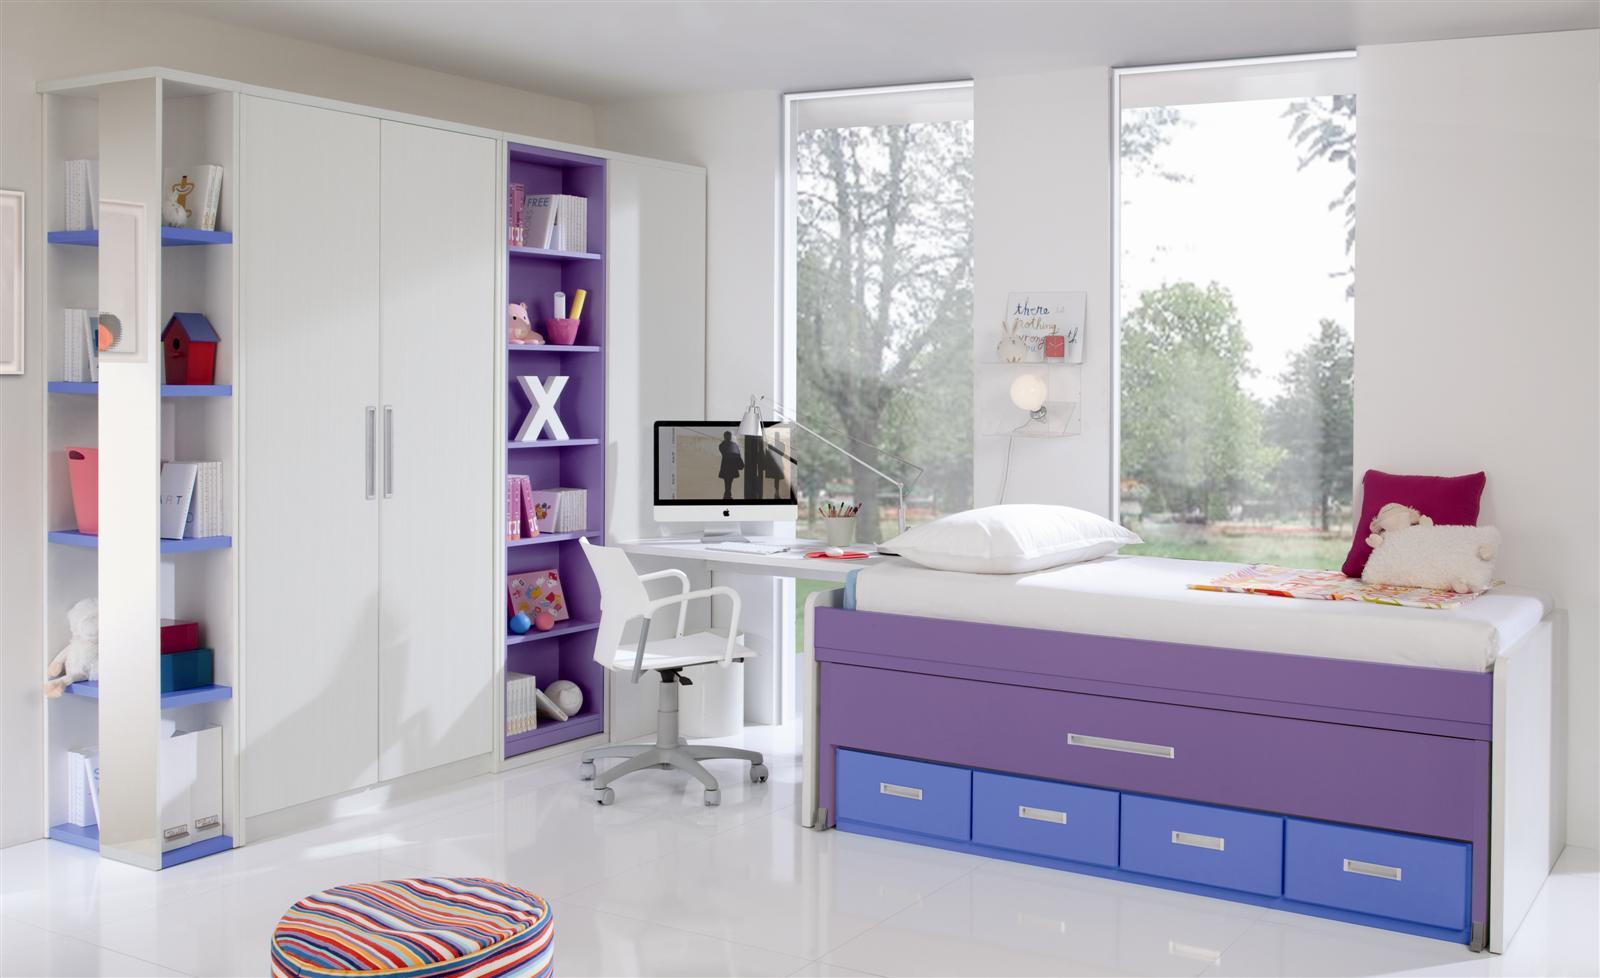 Bianchi muebles dormitorios juveniles valencia - Decoracion de dormitorios juveniles ...